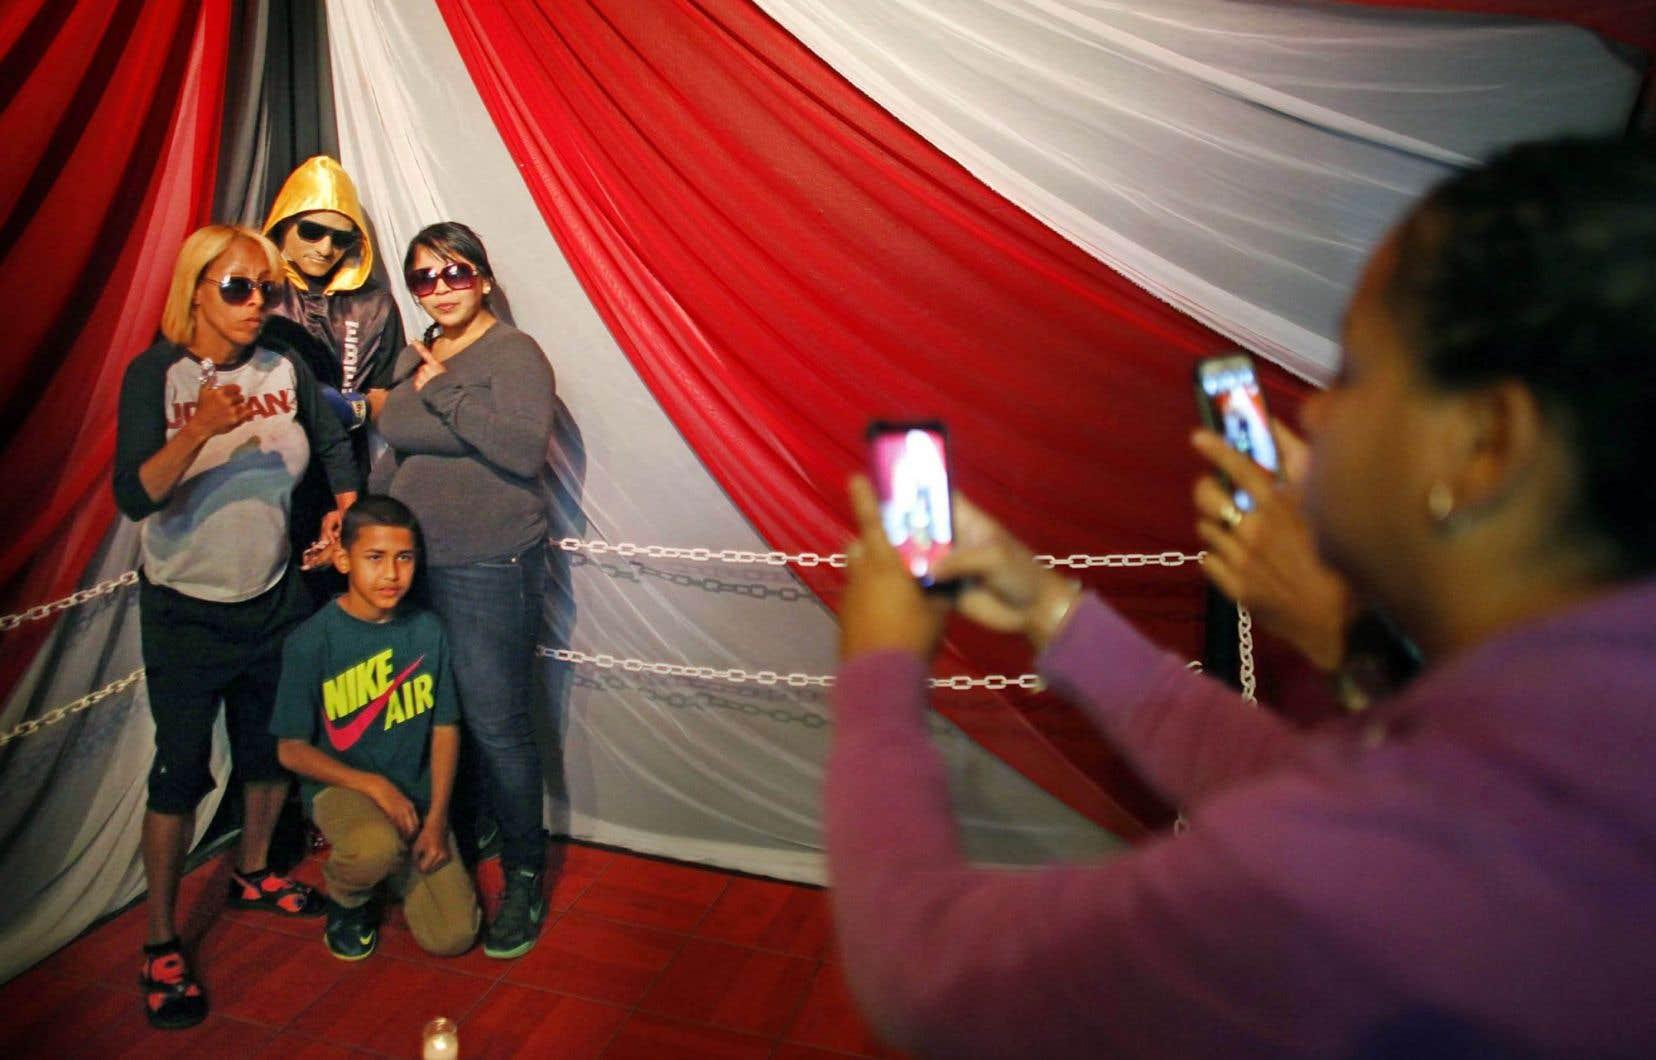 Des rites funéraires de plus en plus éclatés posent des questions éthiques. Ci-dessus, le cadavre du boxeur Christopher Rivera a été exposé debout dans un ring, à Porto Rico.